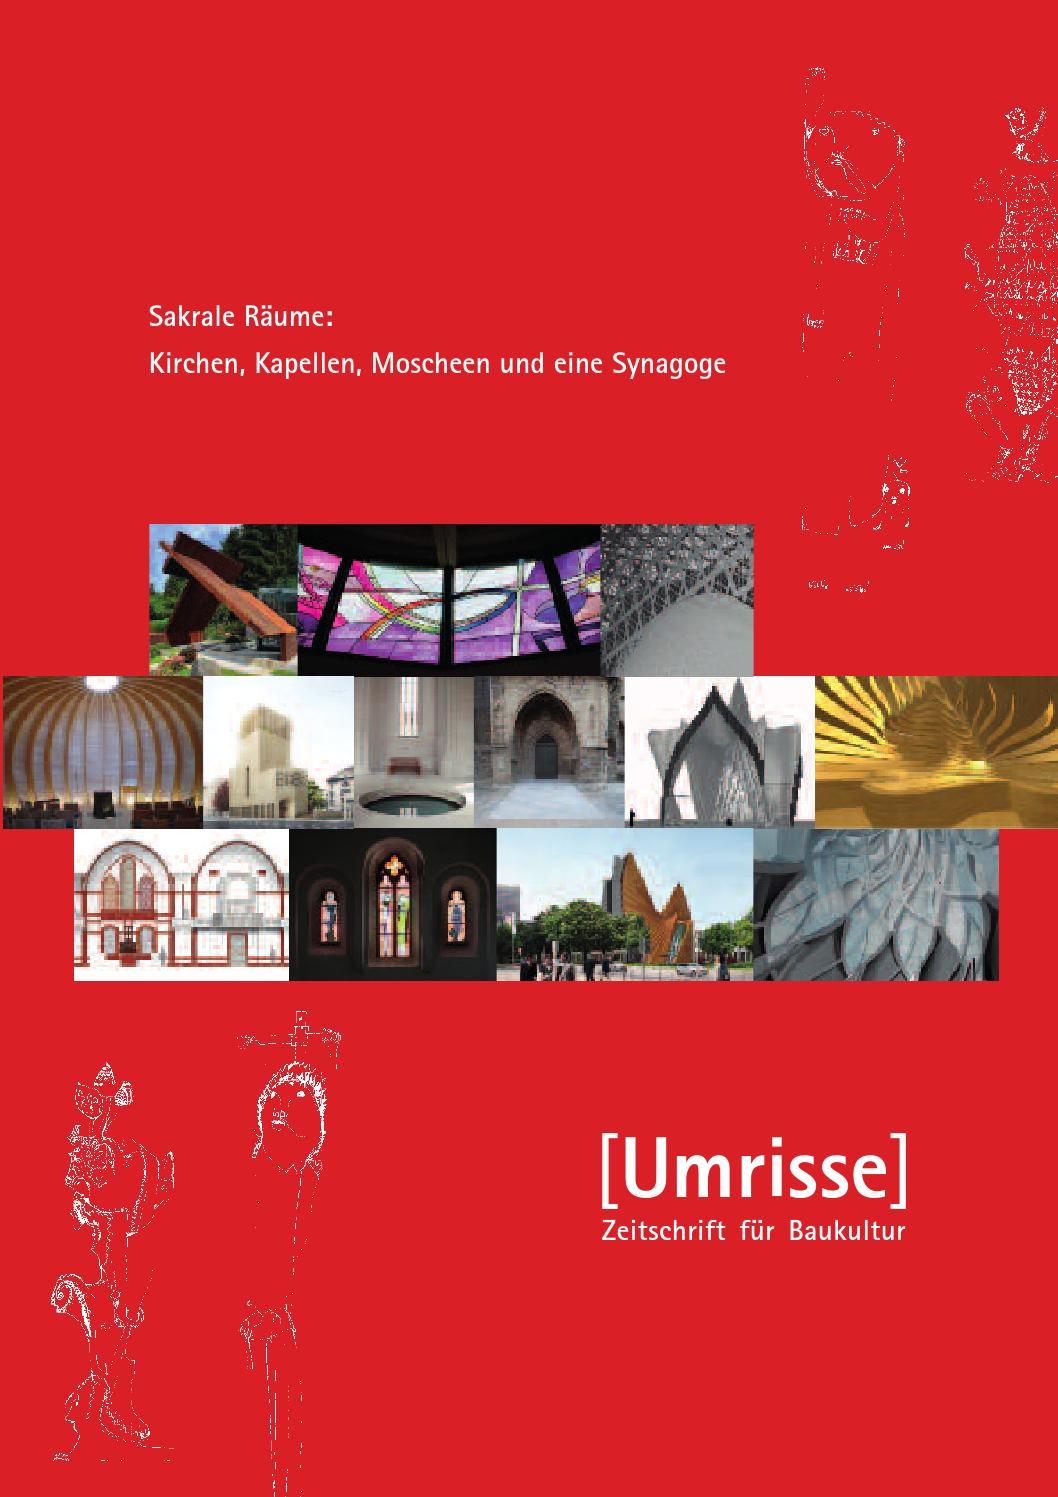 Fein Verdrahtete Zeitschrift Uk Fotos - Der Schaltplan - triangre.info